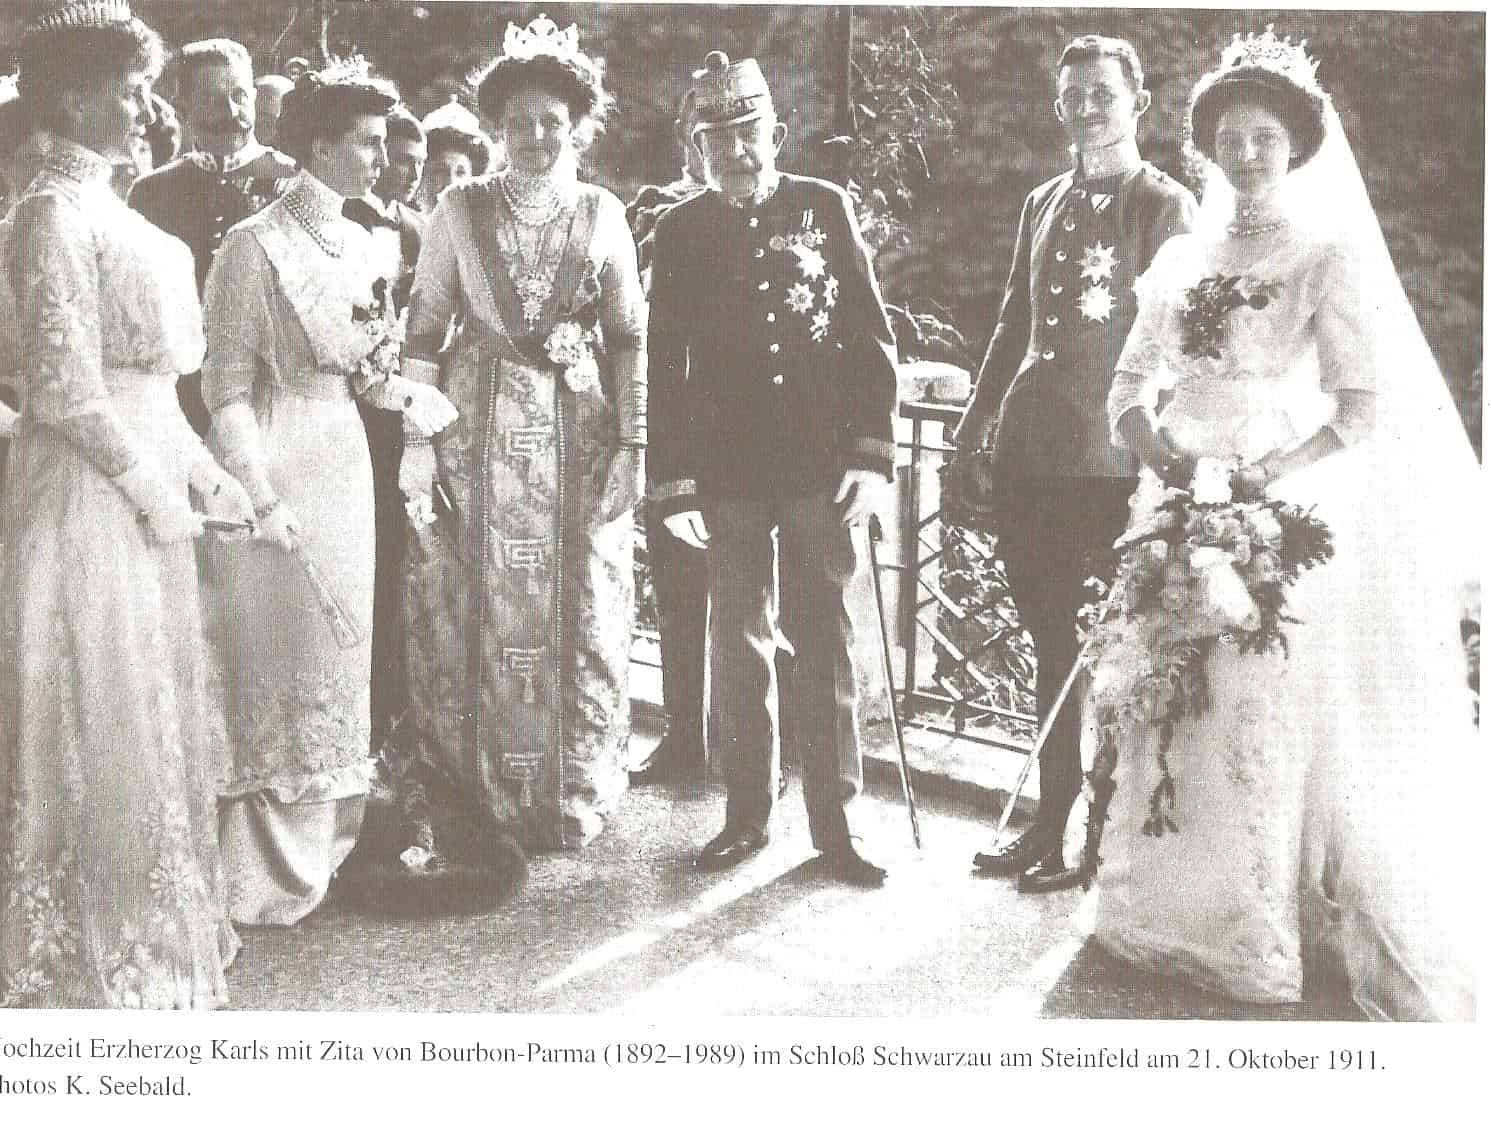 1912 Hochtzeit kaiser Karl-min